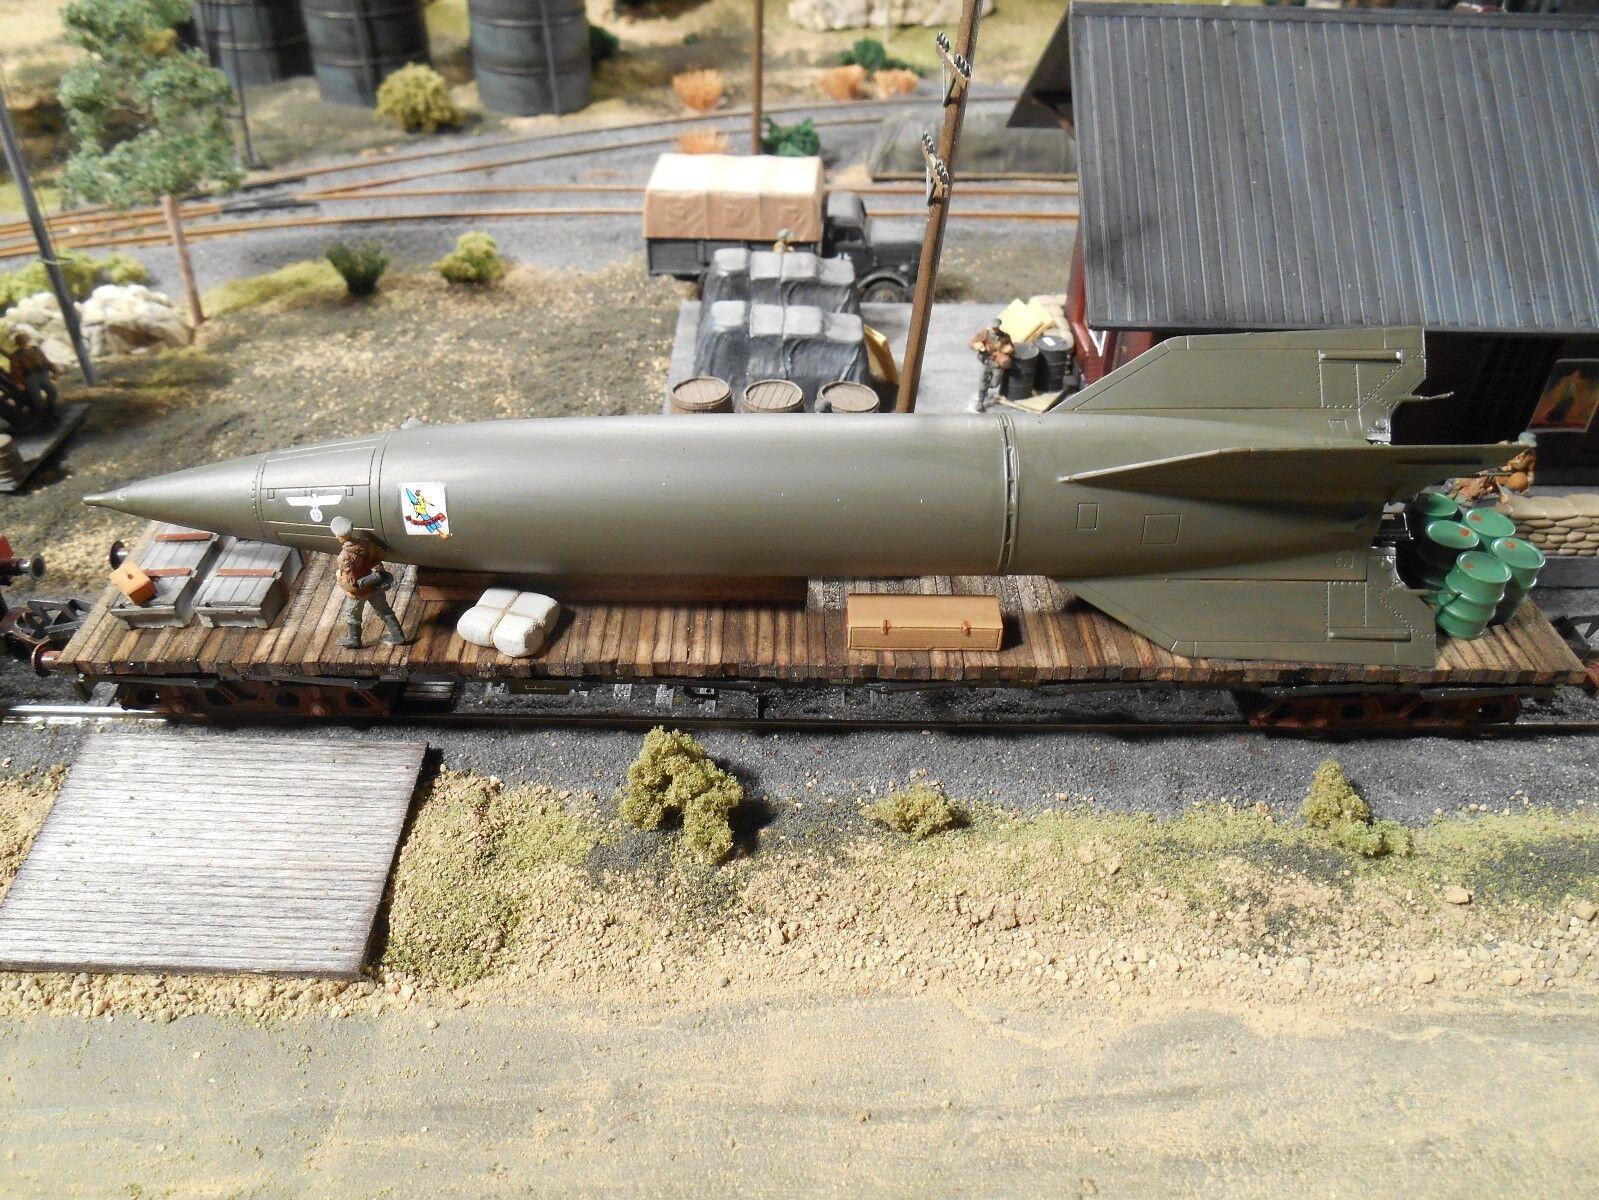 tienda de venta Ho Roco Minitank  2392 2392 2392 alemán de misiles A4 V2 Coche Personalizado detallada de ferroCocheril  comprar marca